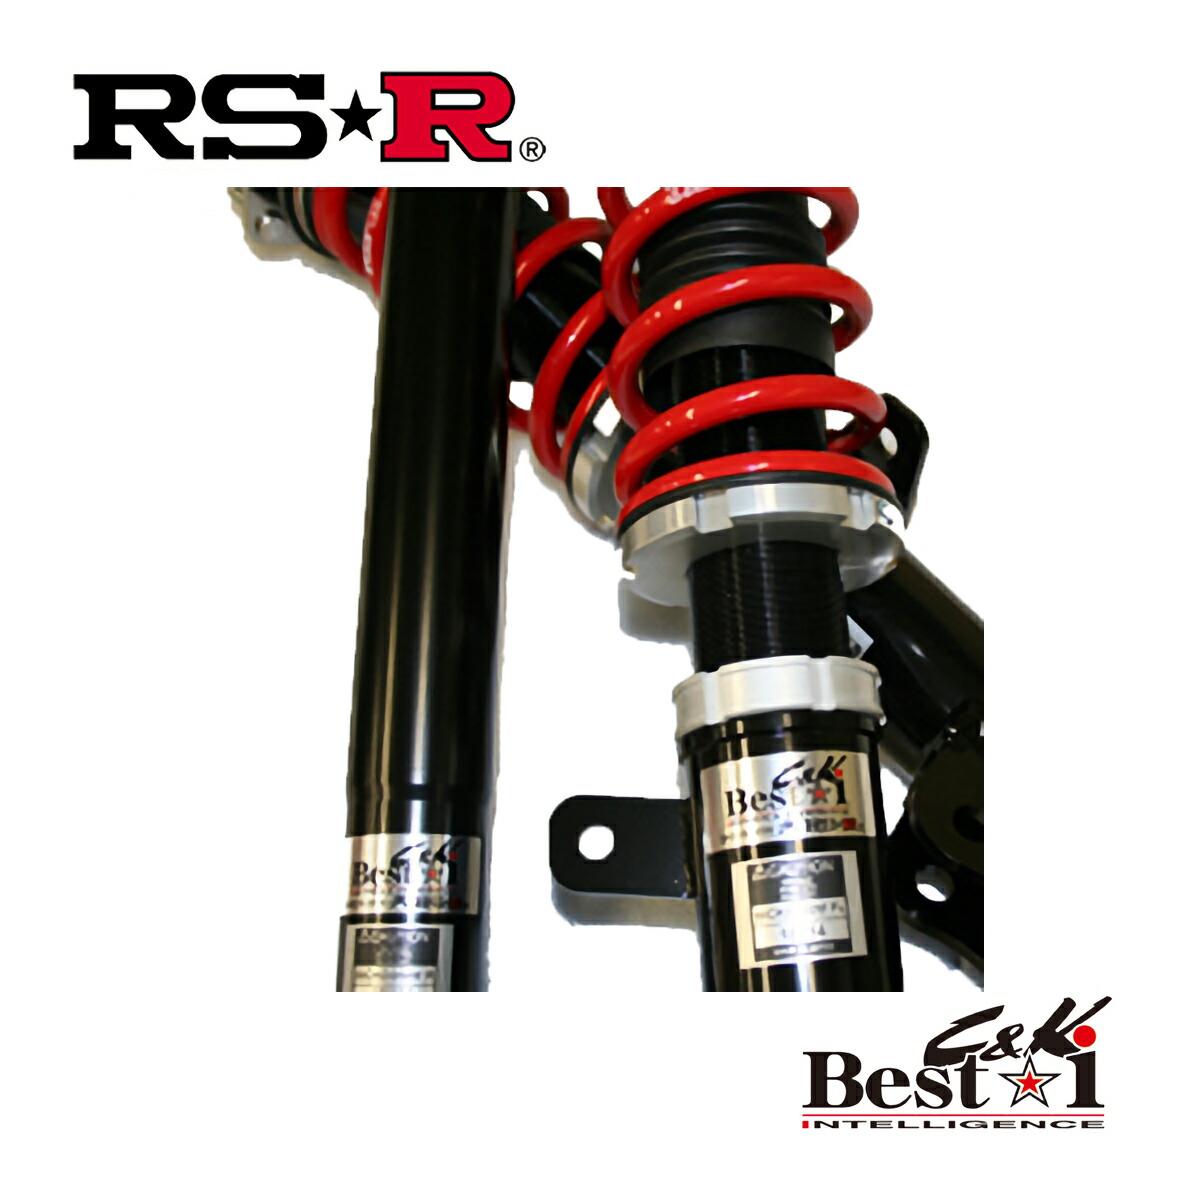 RS-R タント LA650S カスタムX 車高調 リア車高調整: ネジ式 BICKD401M ベストi C&K RSR 個人宅発送追金有